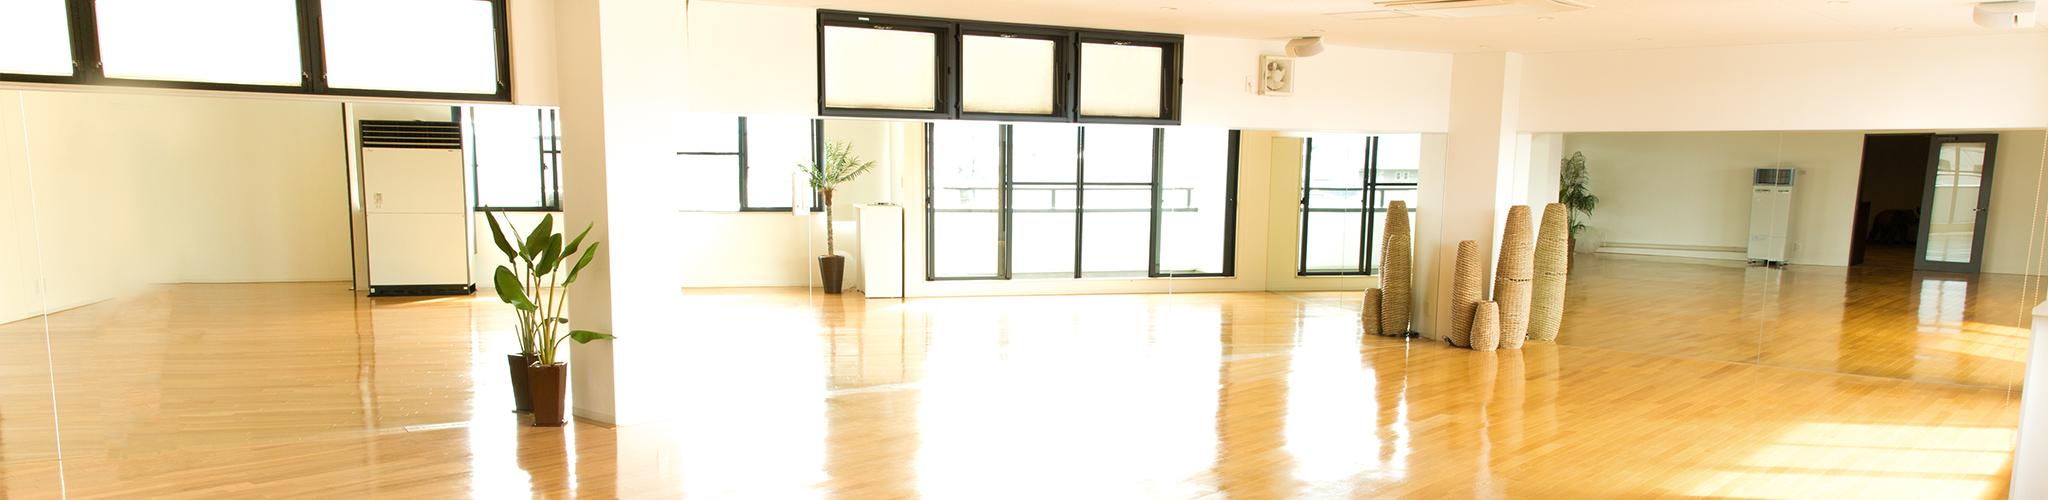 yoga studio sundara(スンダラ)の画像